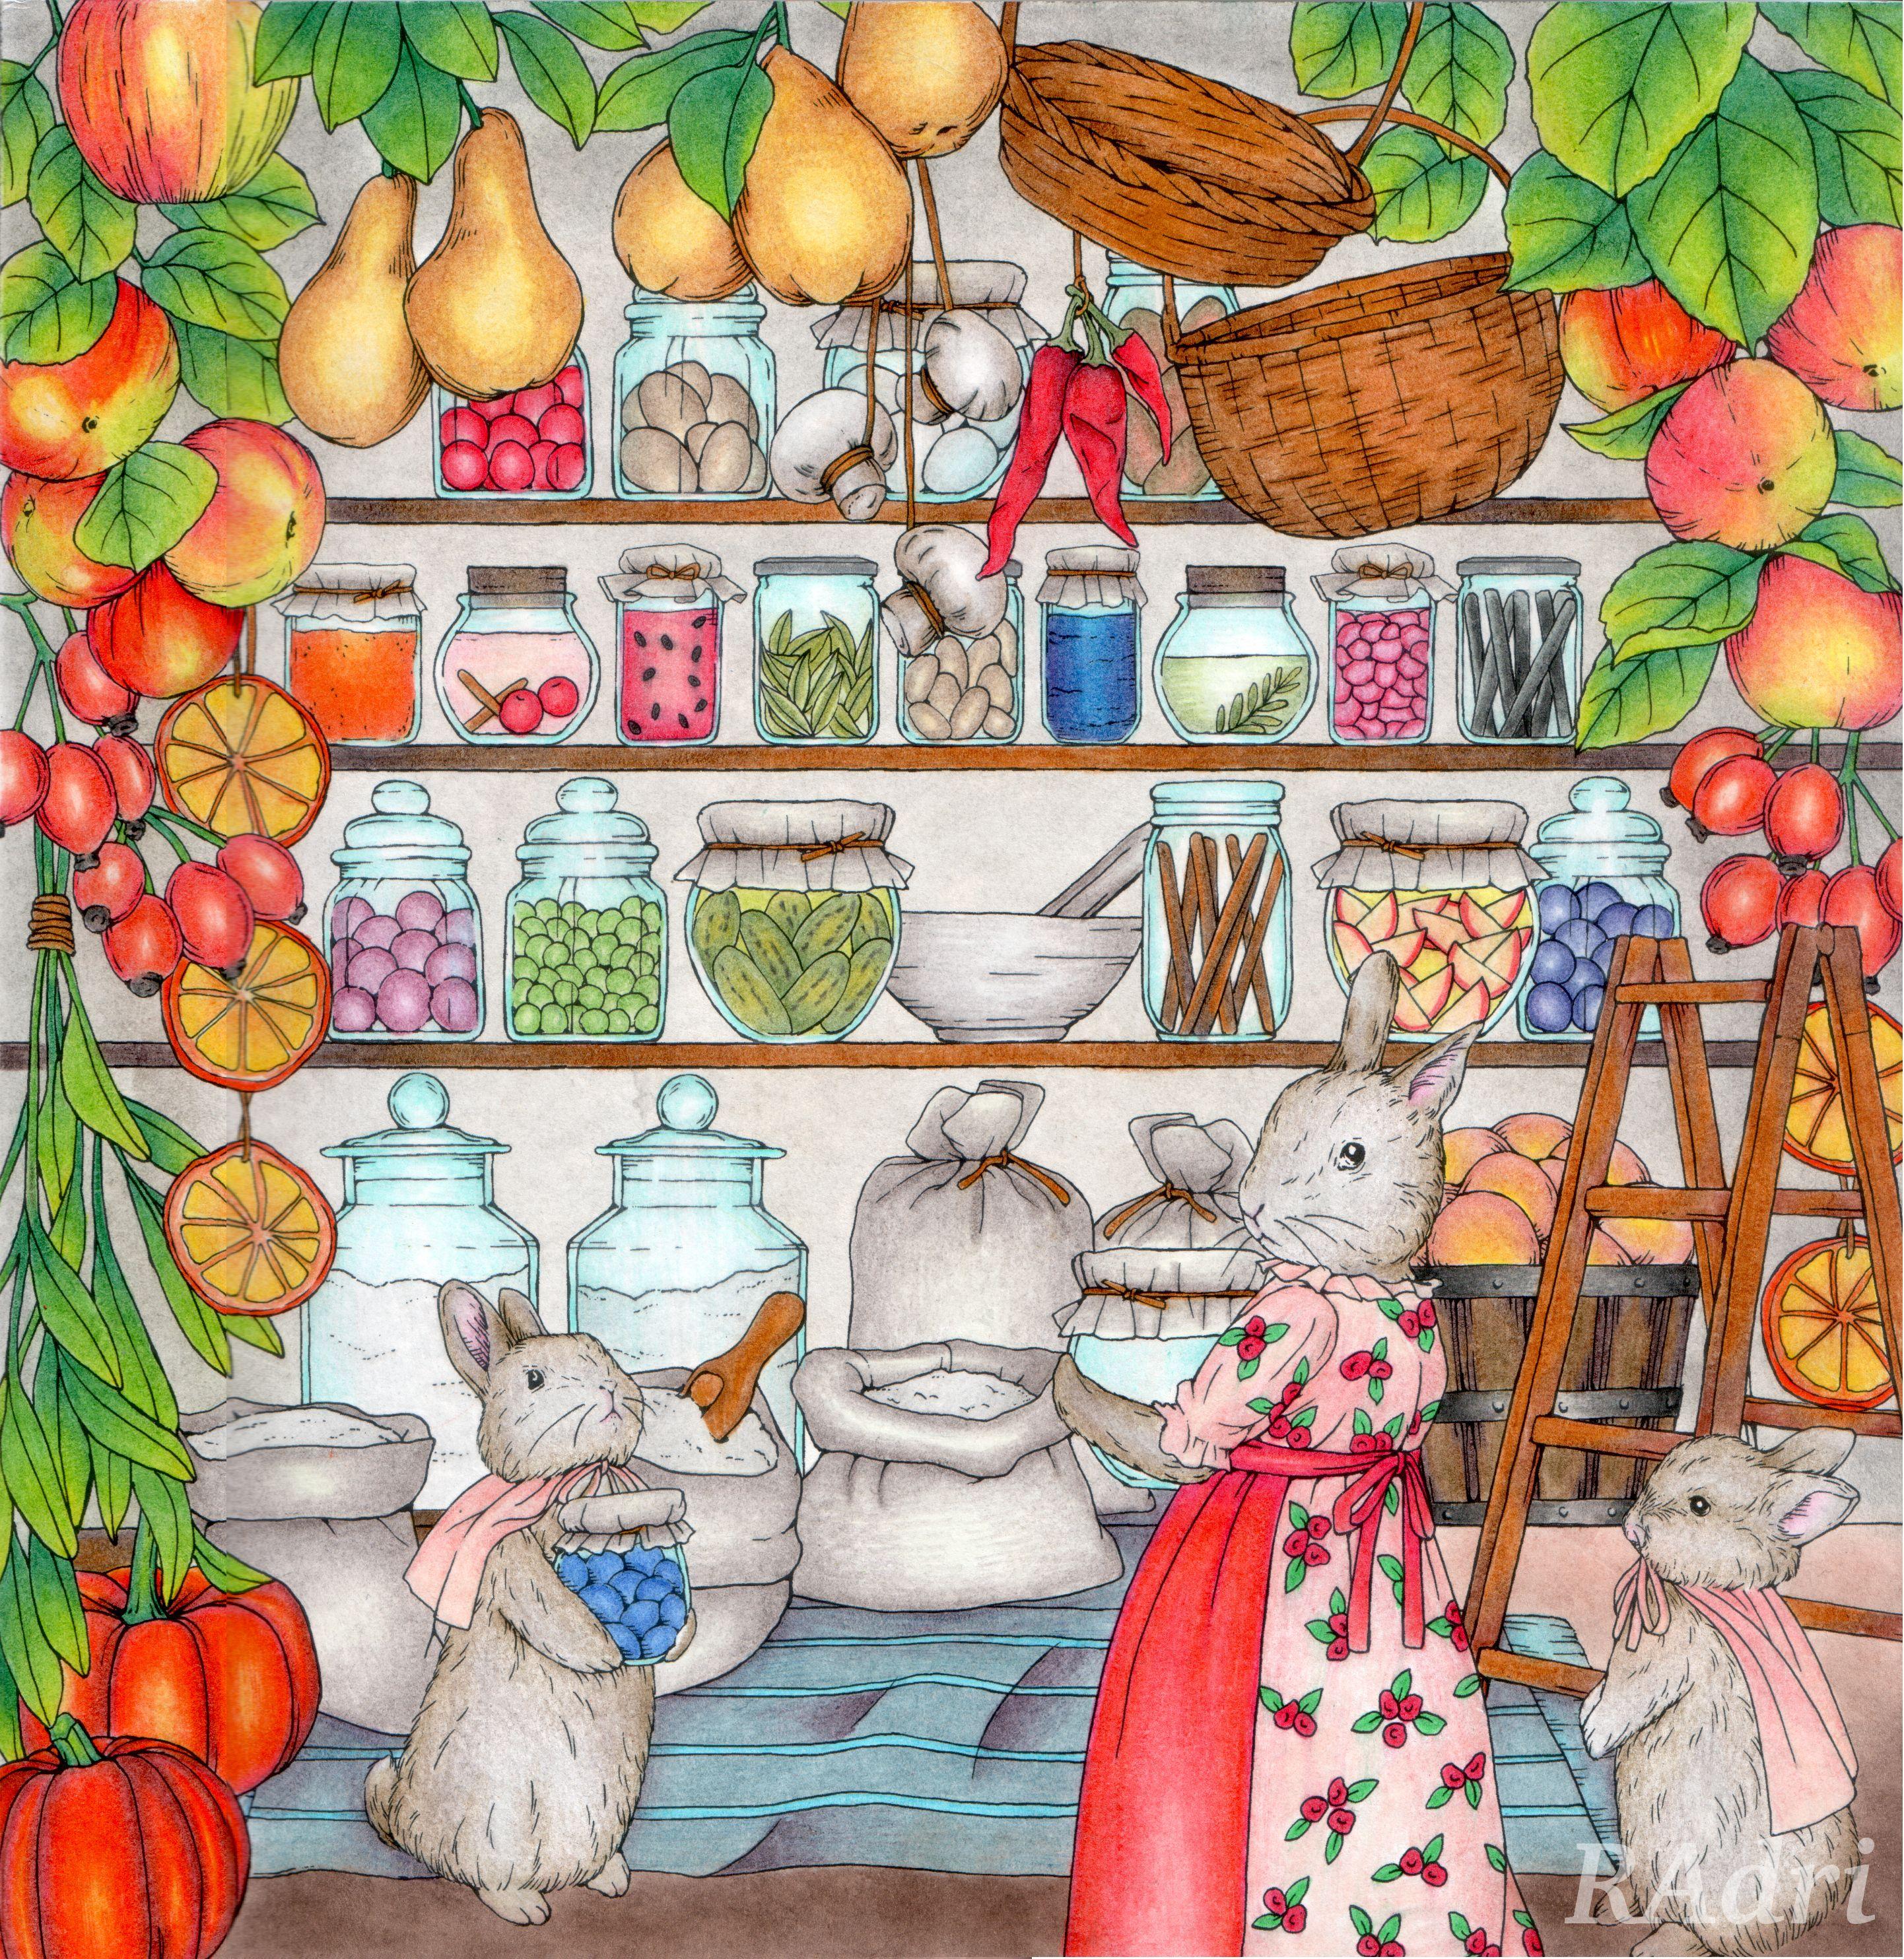 Menuet De Bonheur Coloring Book Forest Coloring Book Fashion Coloring Book Coloring Books